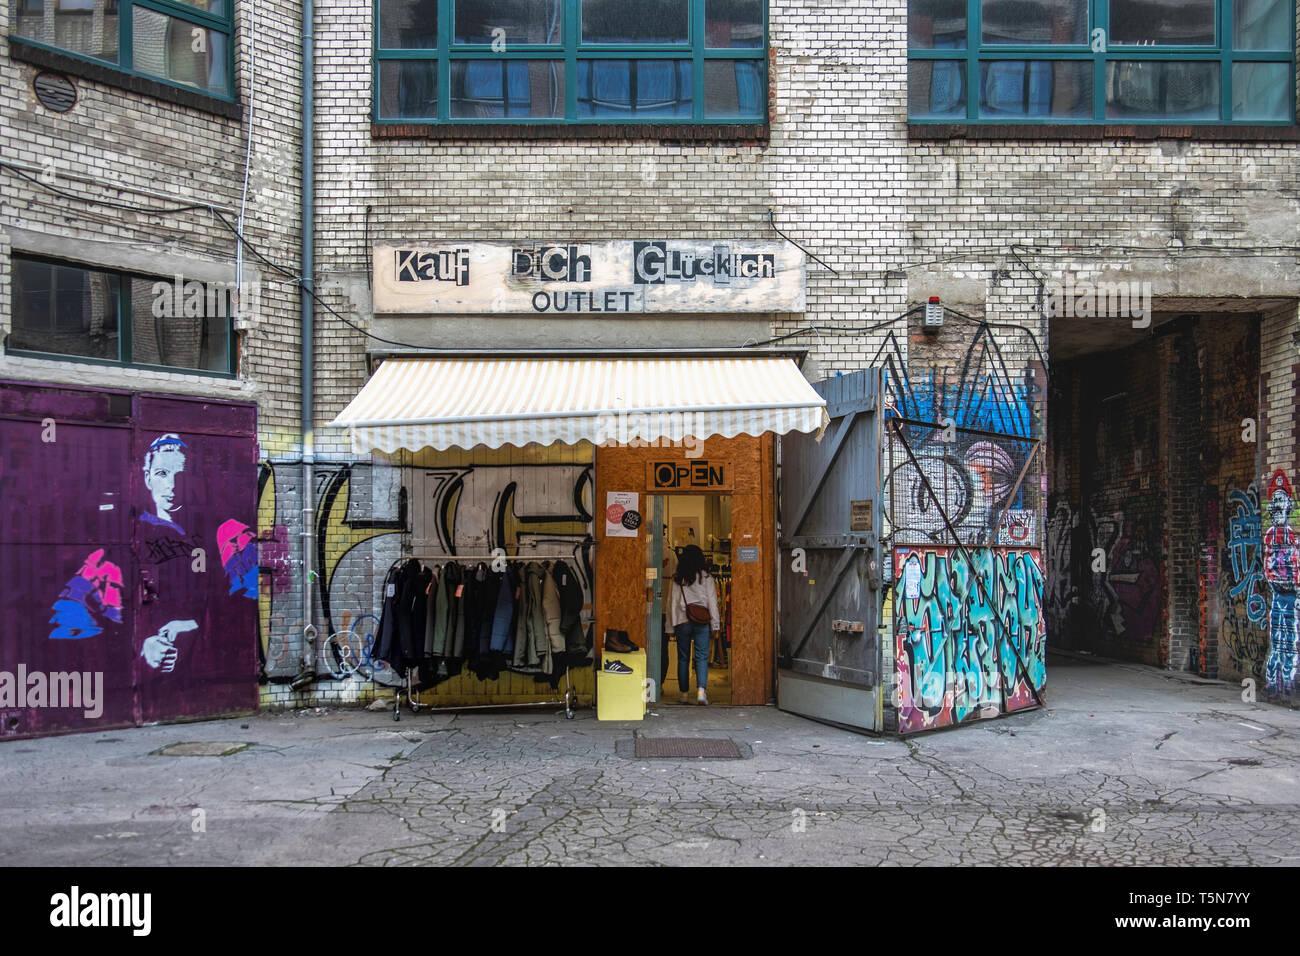 Boda, Berlín. Kauf Dich Glücklich & Fashion Outlet tienda de ropa en el patio interior del antiguo edificio industrial dilapidados en Gerichtstrasse 23. Foto de stock